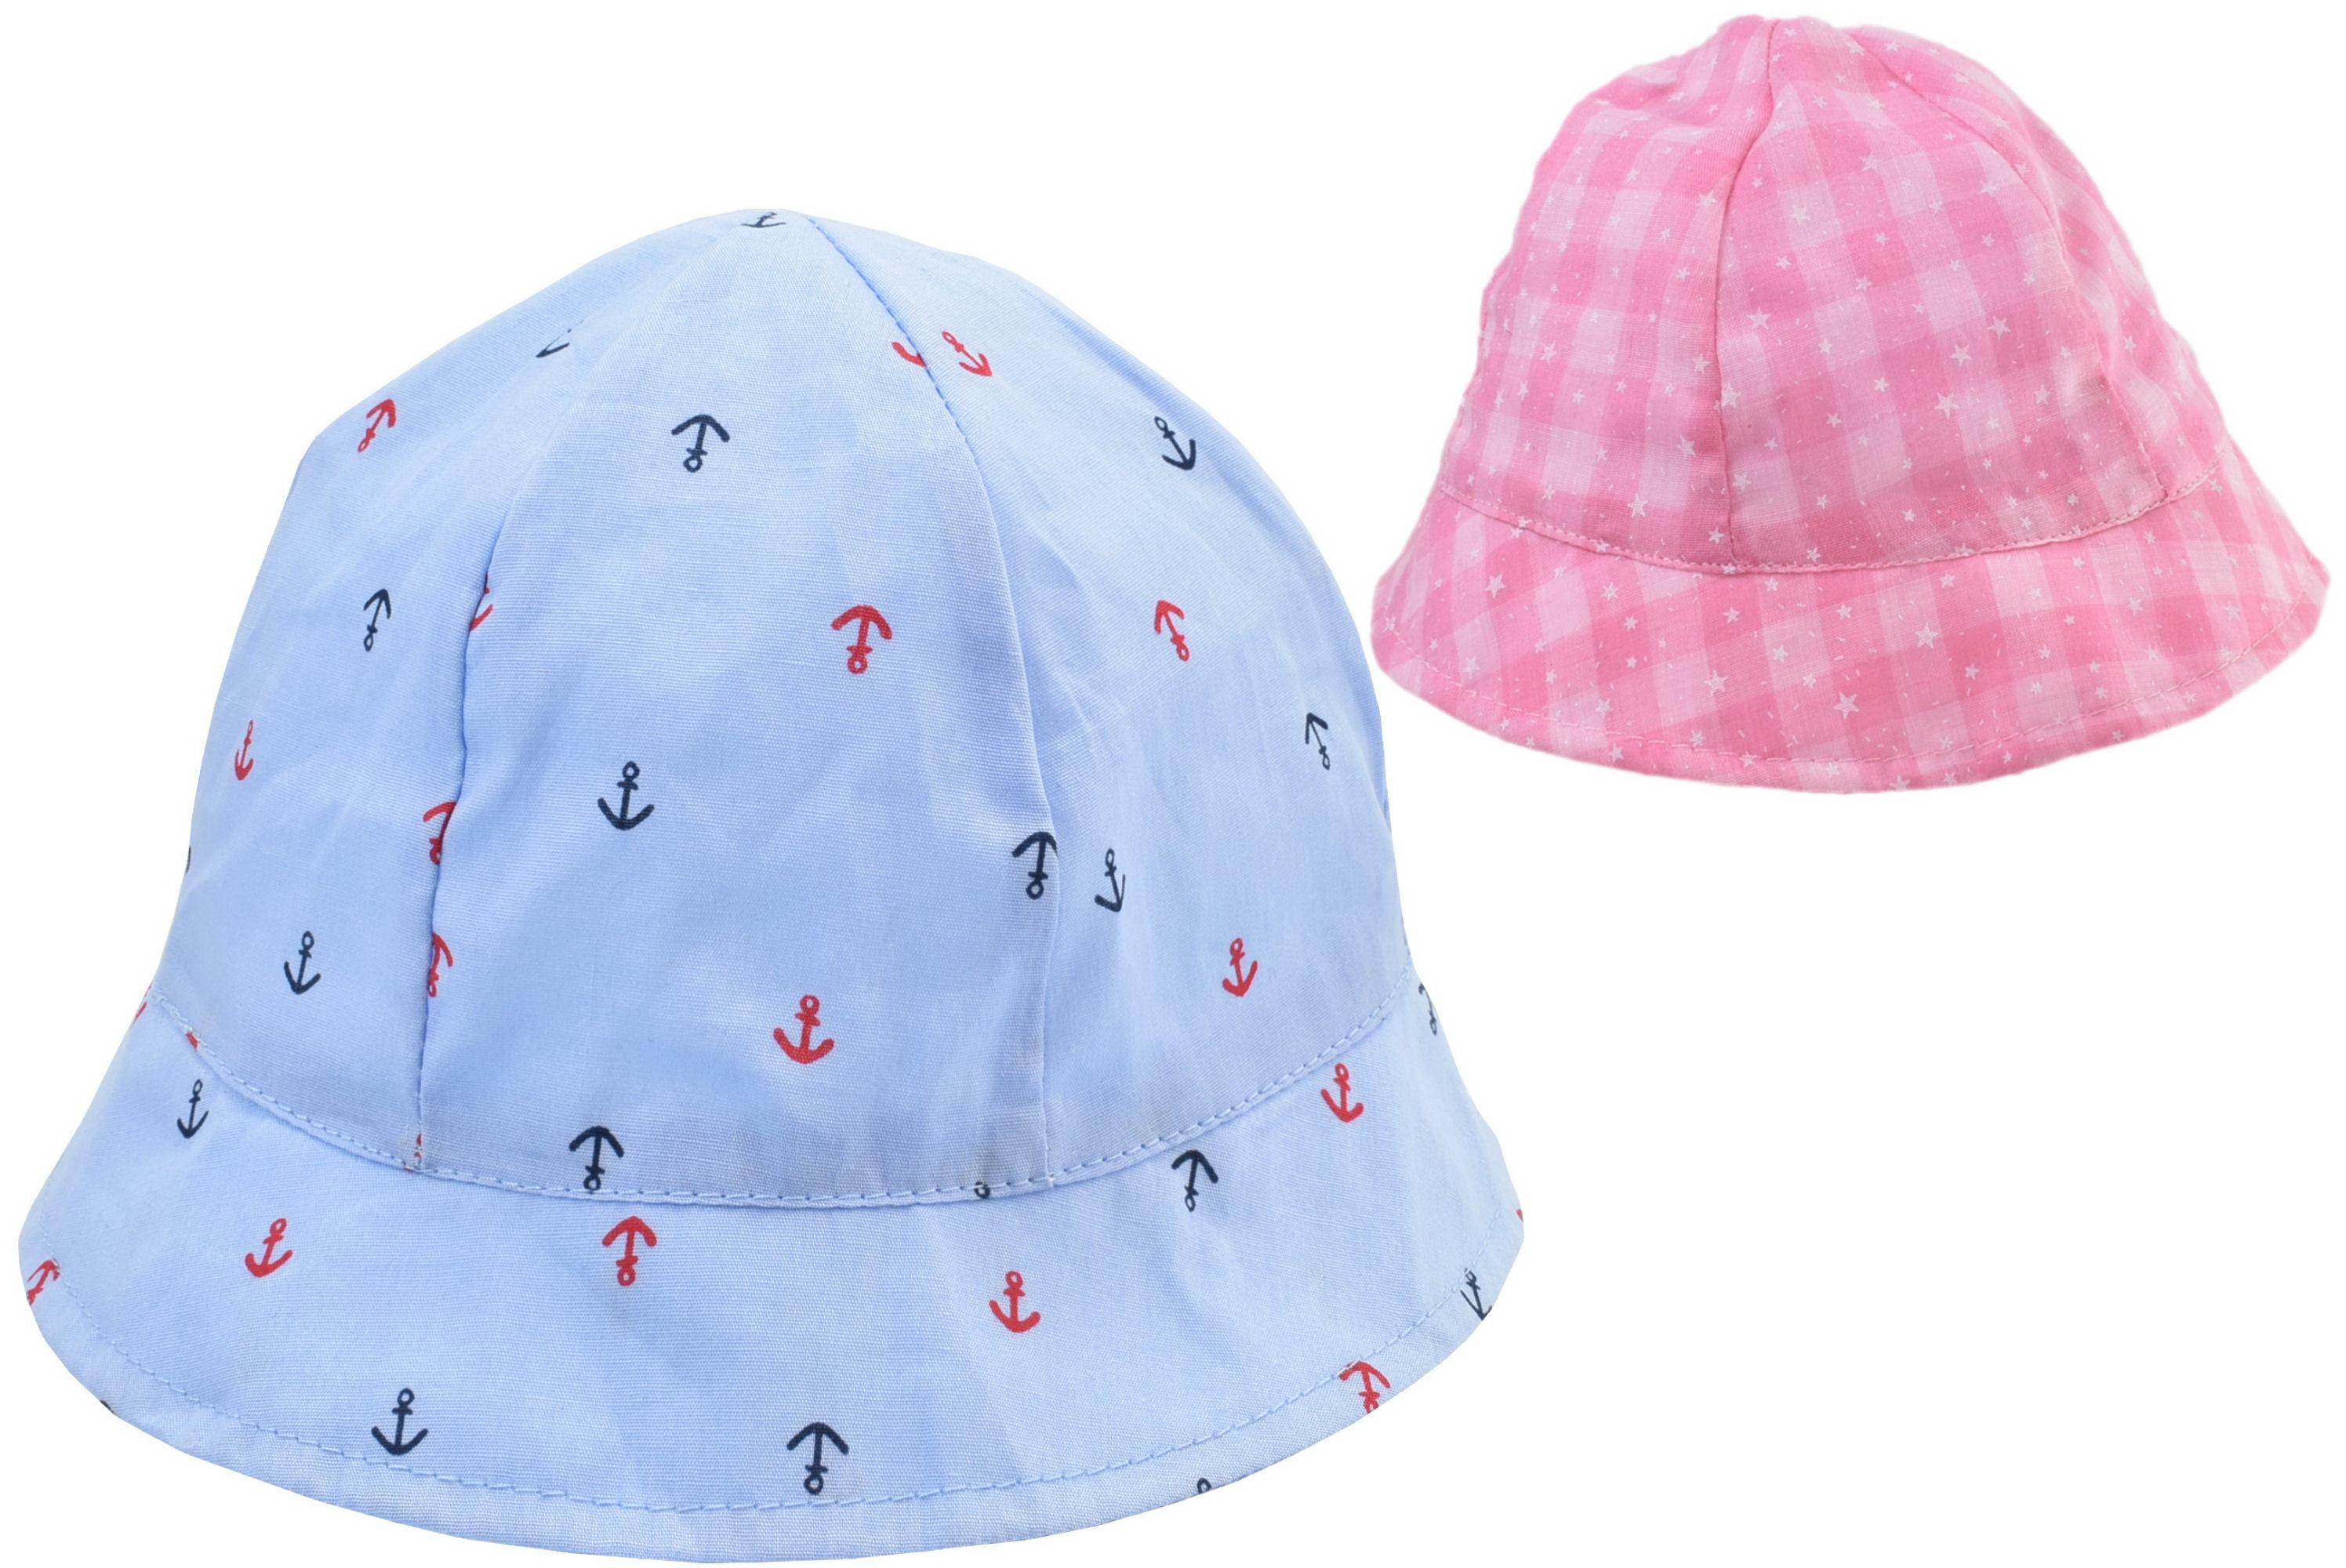 Kids Bucket Hat 50cm 2 Assorted Designs